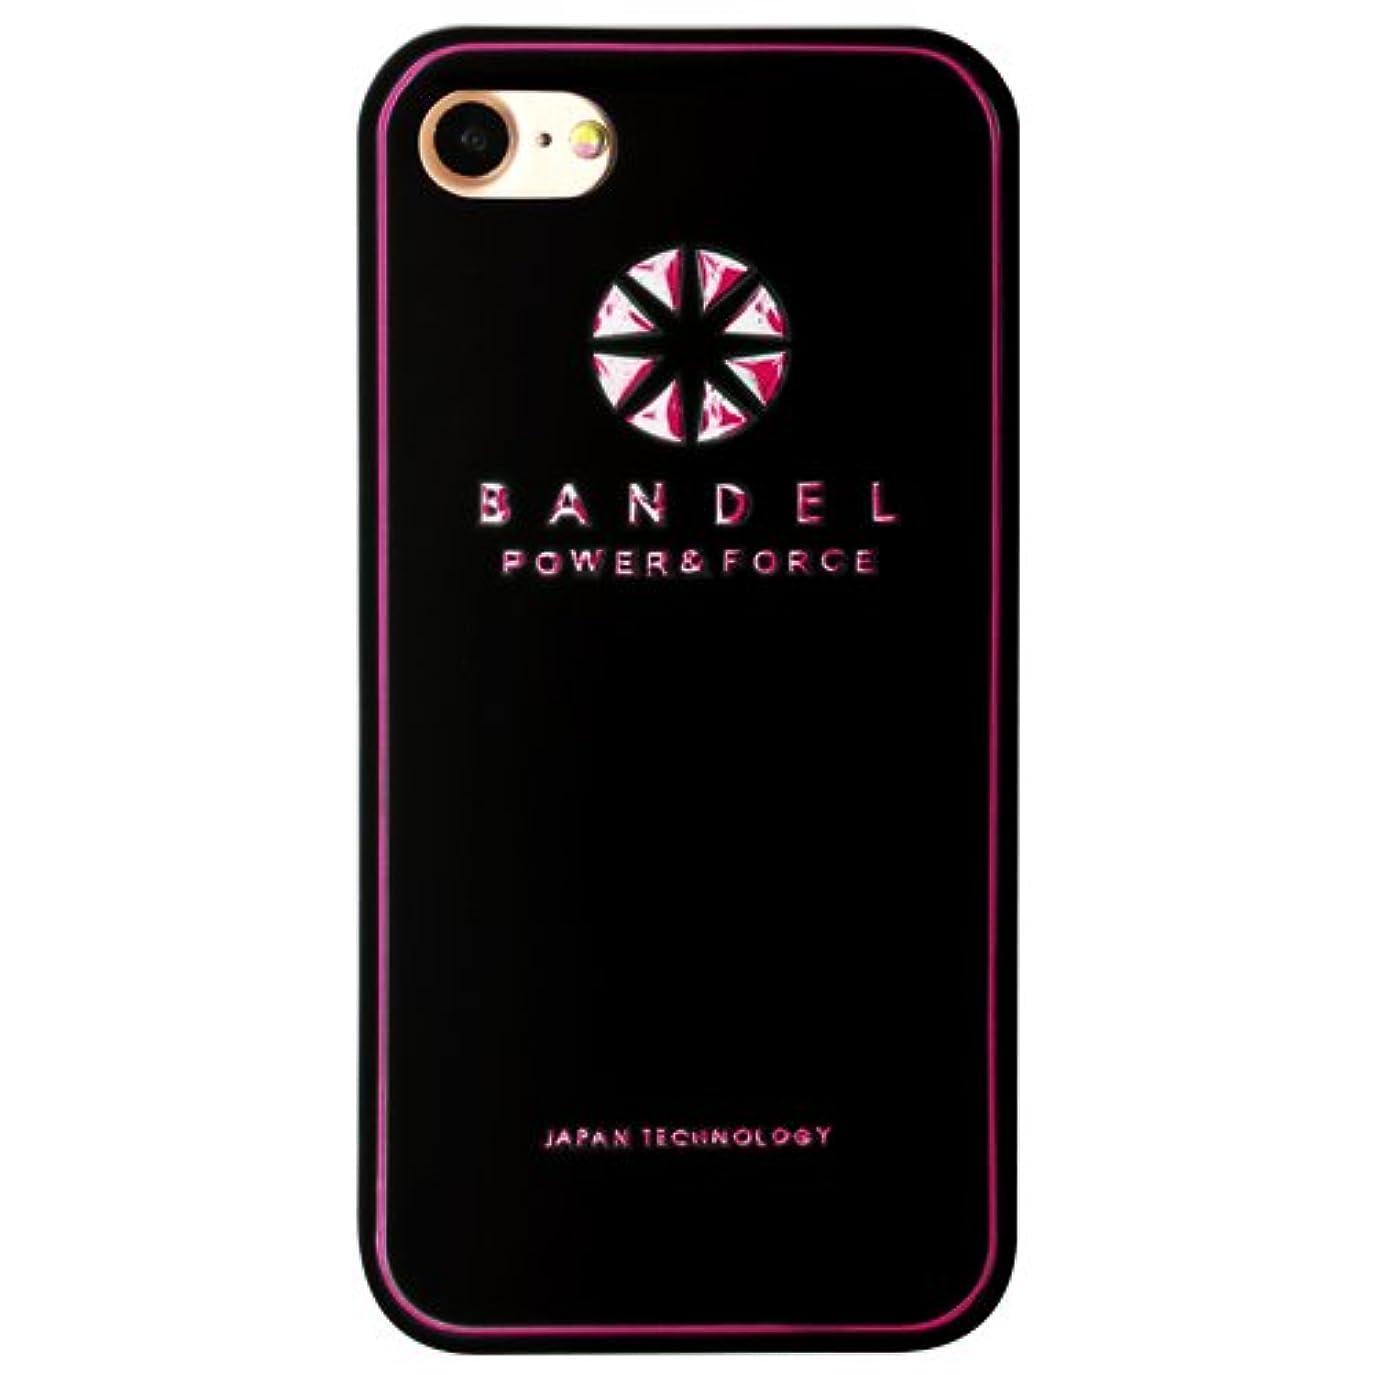 海軍瞑想するボリュームバンデル(BANDEL) ロゴ iPhone 8 Plus専用 シリコンケース [ブラック×ピンク]